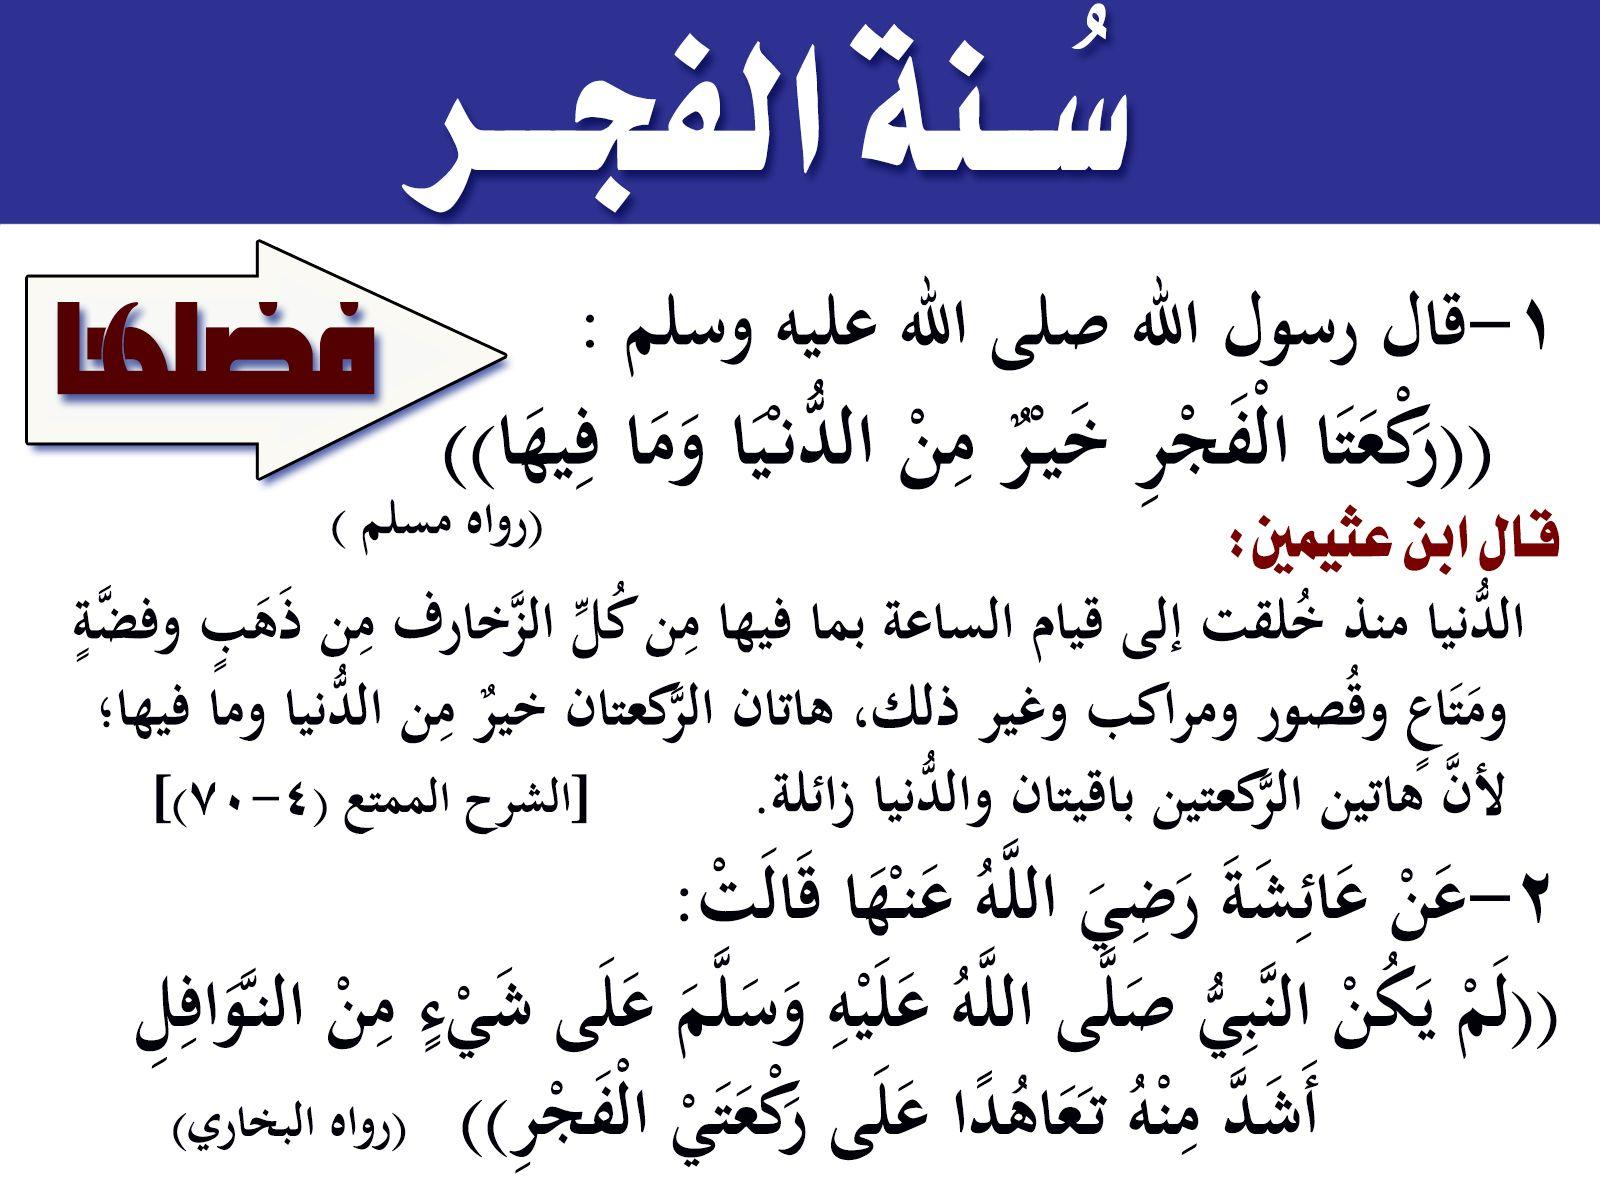 من فضائل سنة الفجر Arabic Quotes Quotes Math